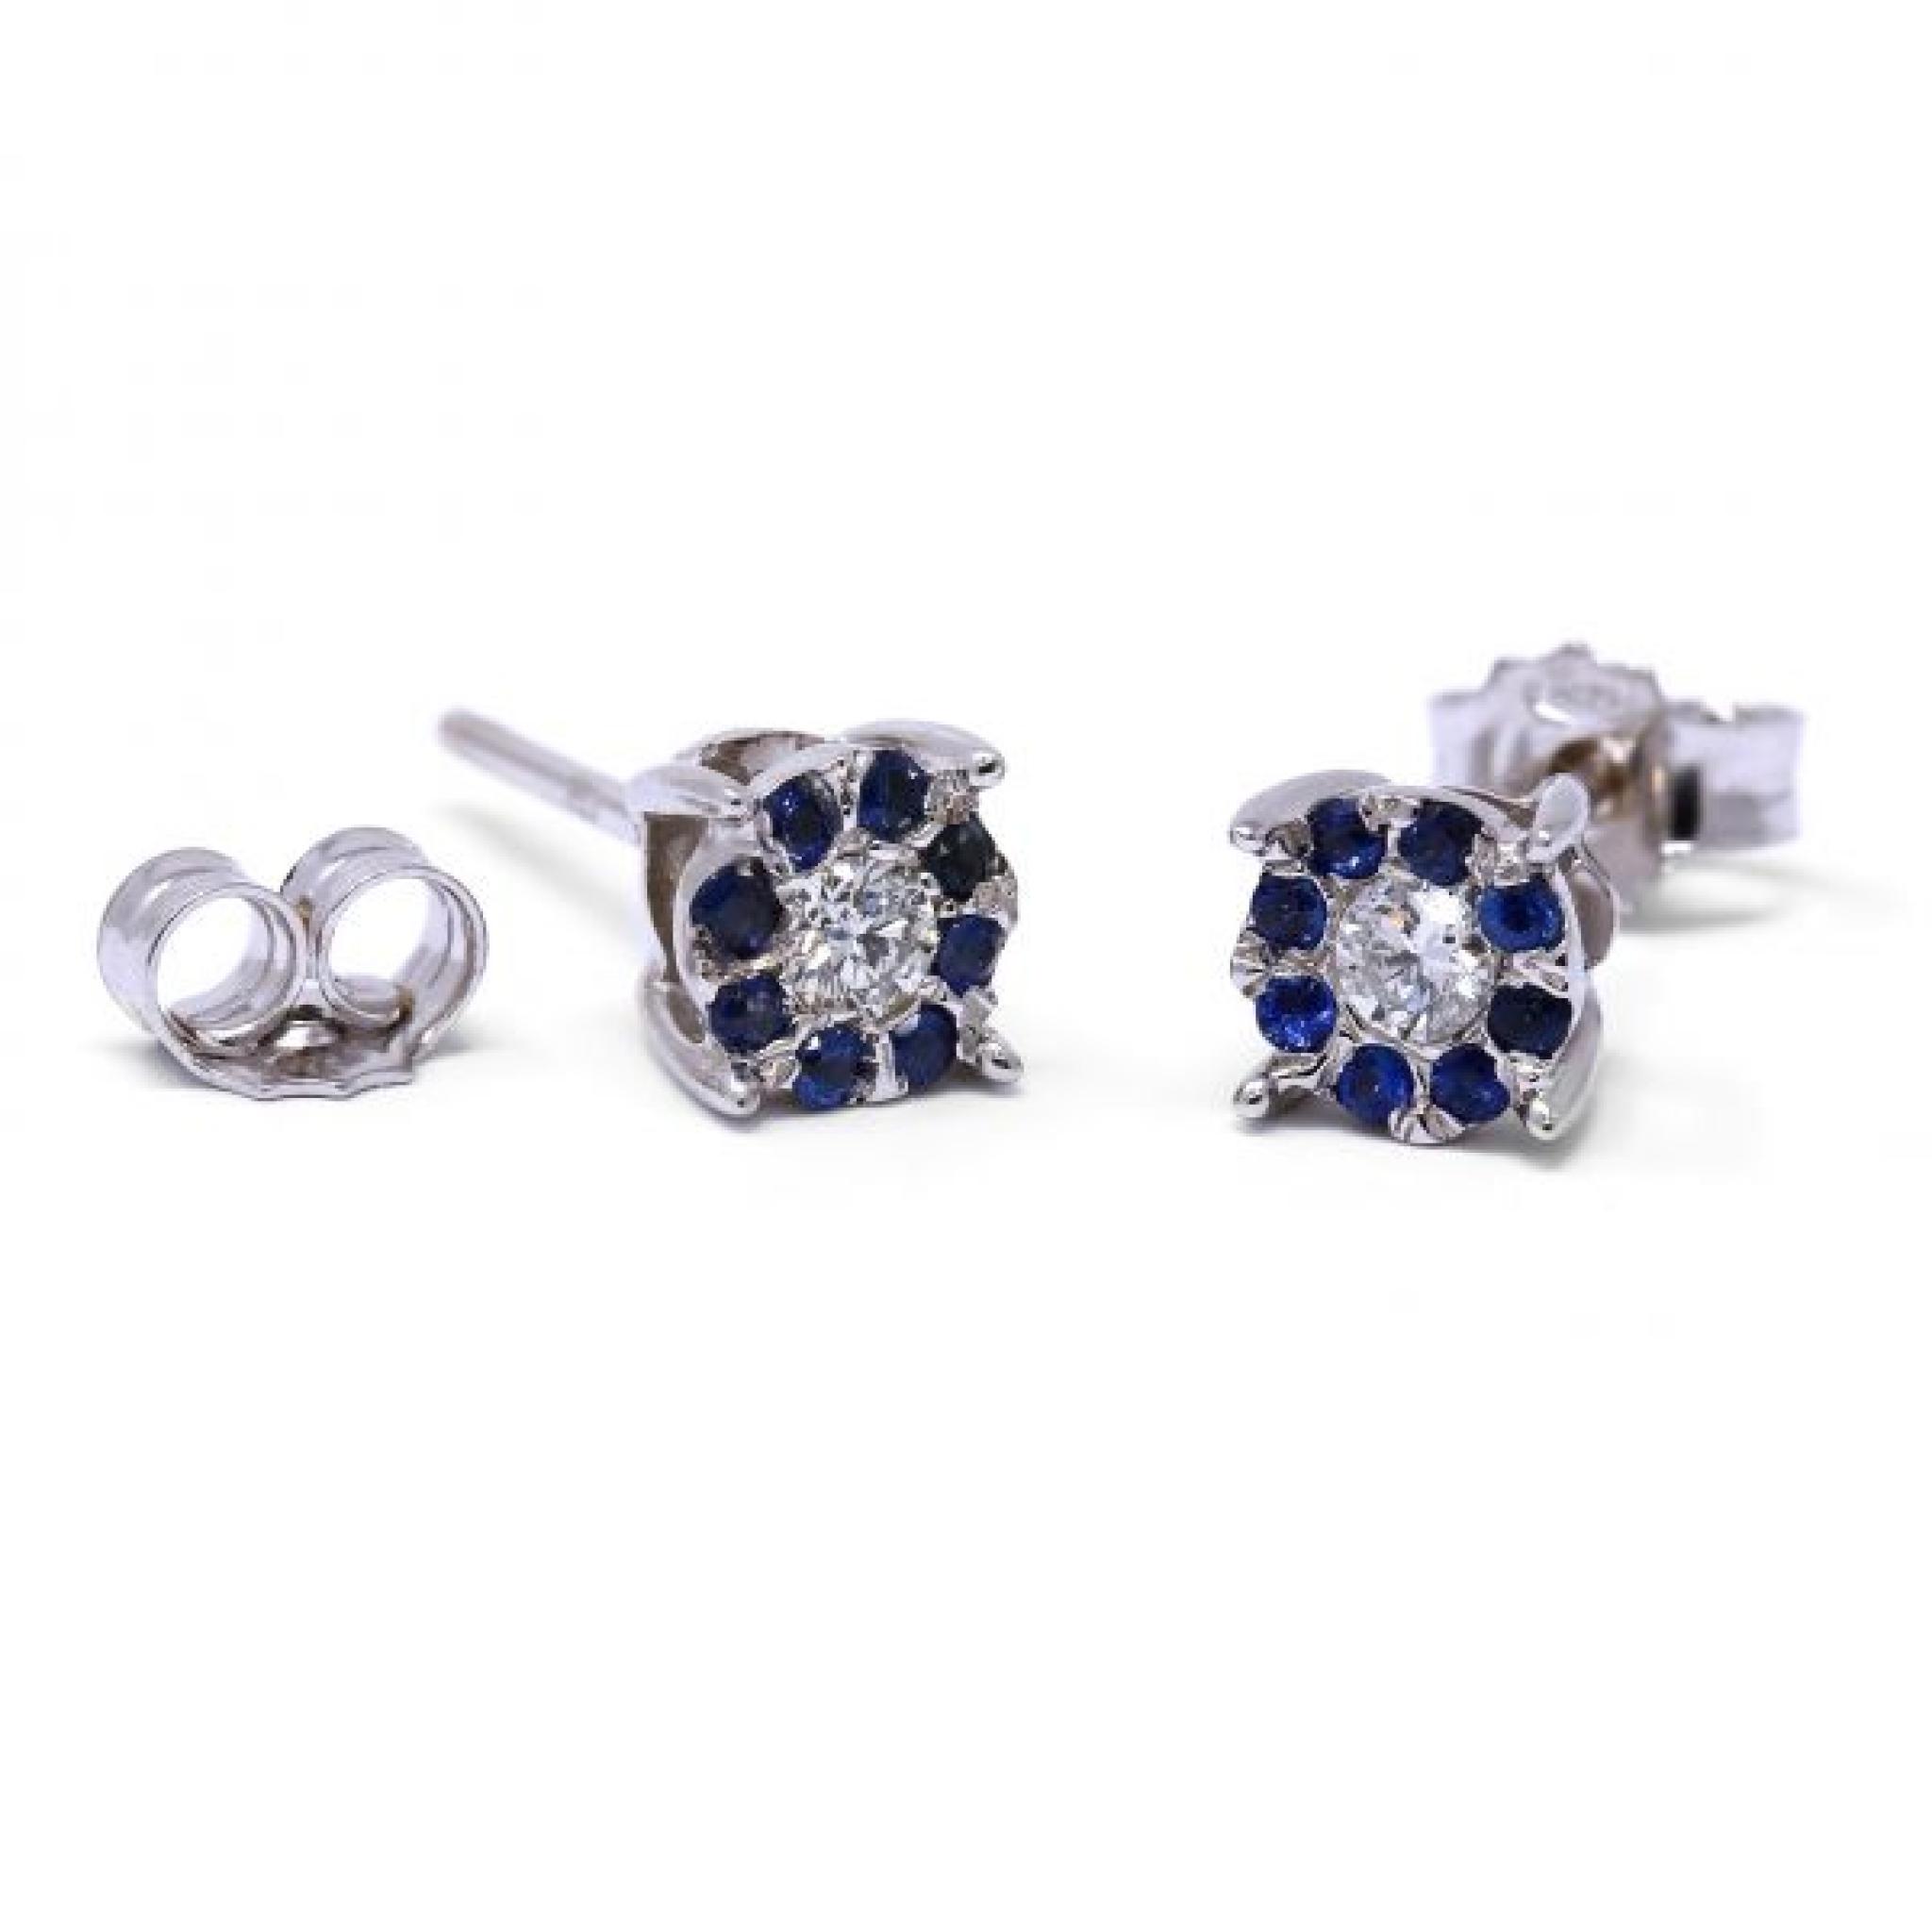 Orecchini con Zaffiri e Diamanti Linea Fiore